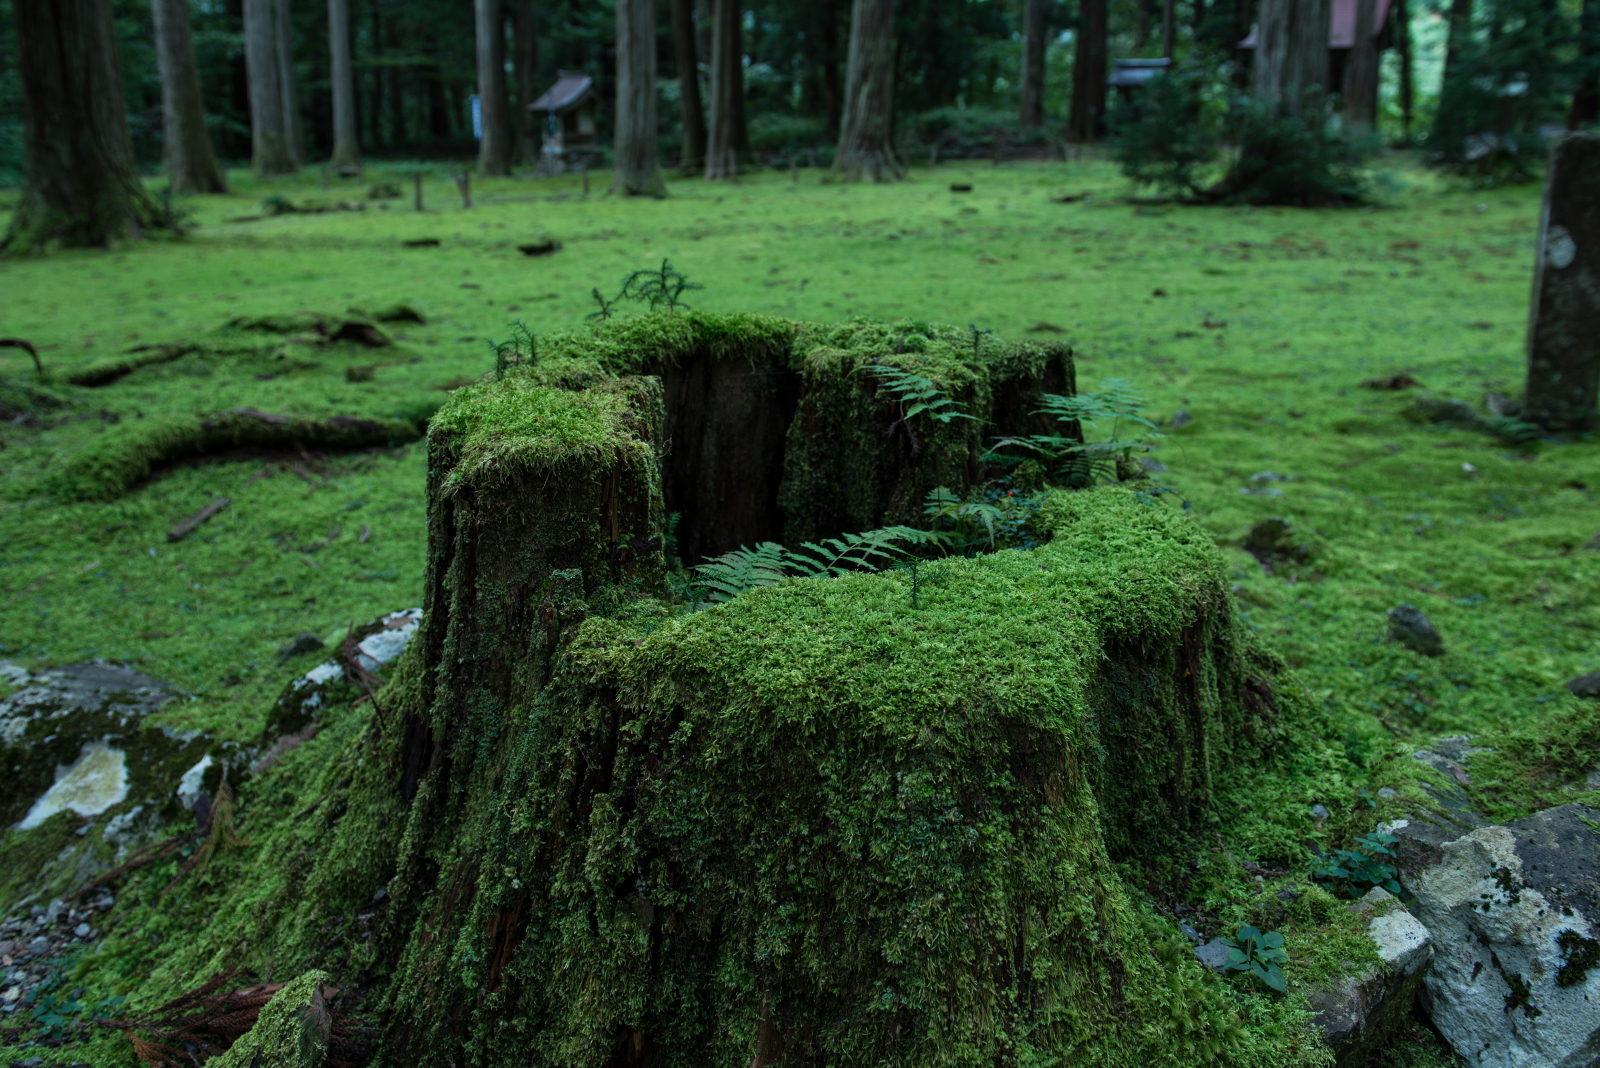 Moss stool